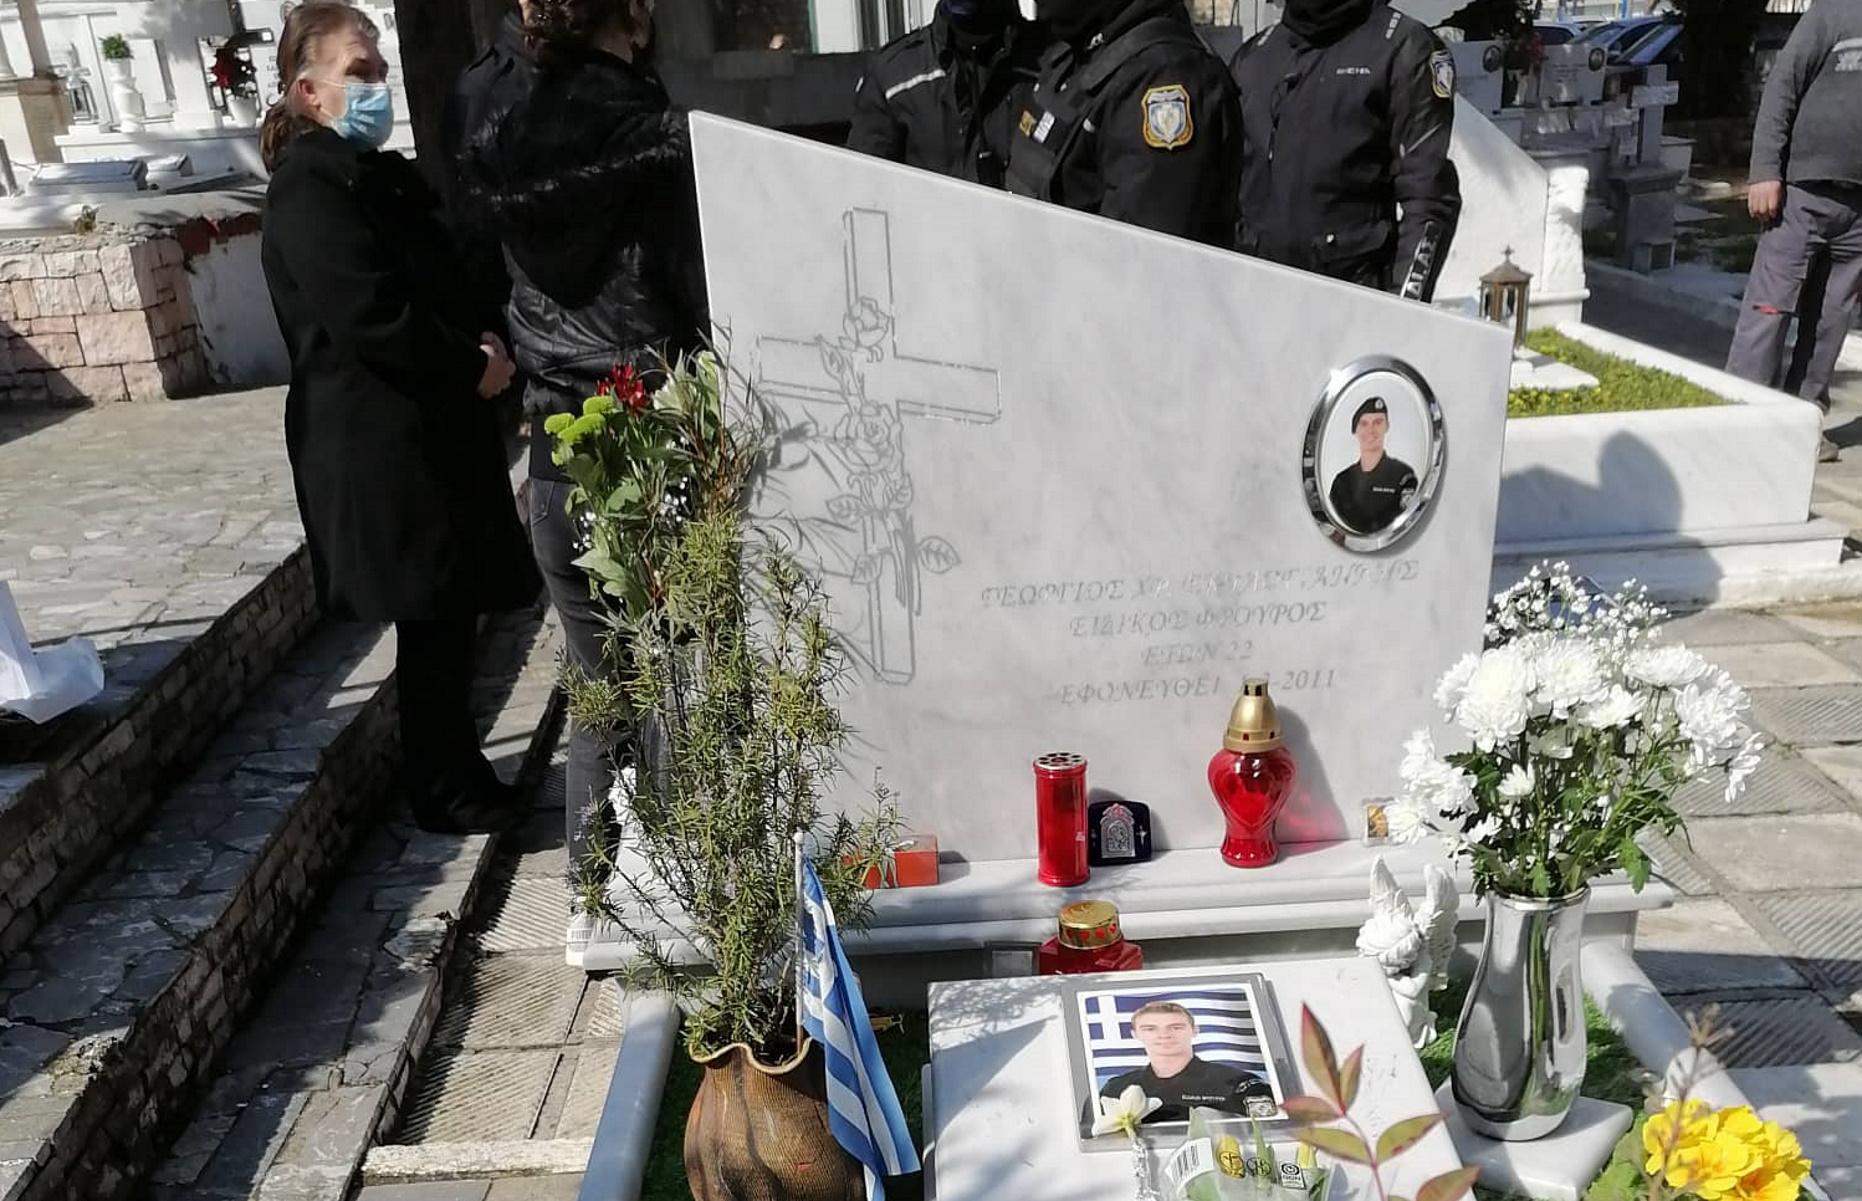 Τρίκαλα: Τίμησαν τη μνήμη του αδικοχαμένου αστυνομικού Γιώργου Σκυλογιάννη